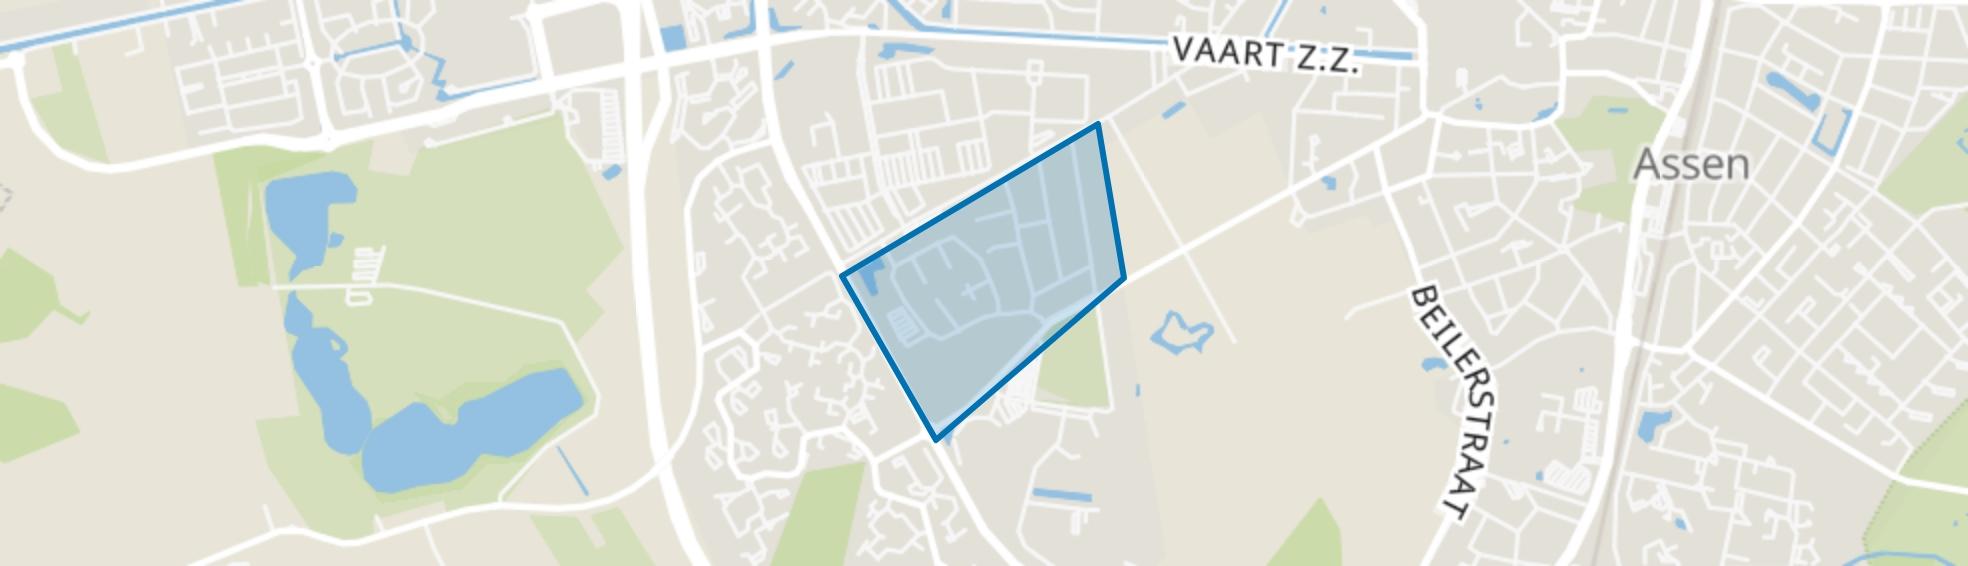 Westerpark, Assen map